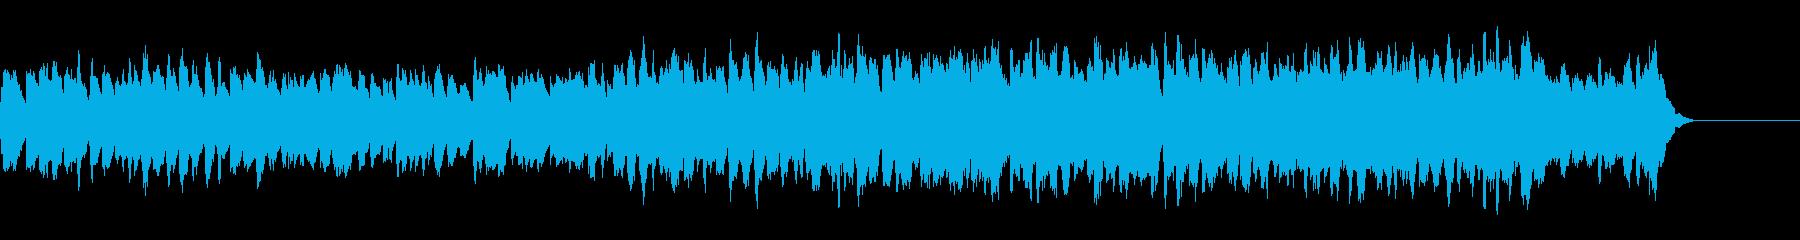 三声のバロック風ハープシコードの曲の再生済みの波形